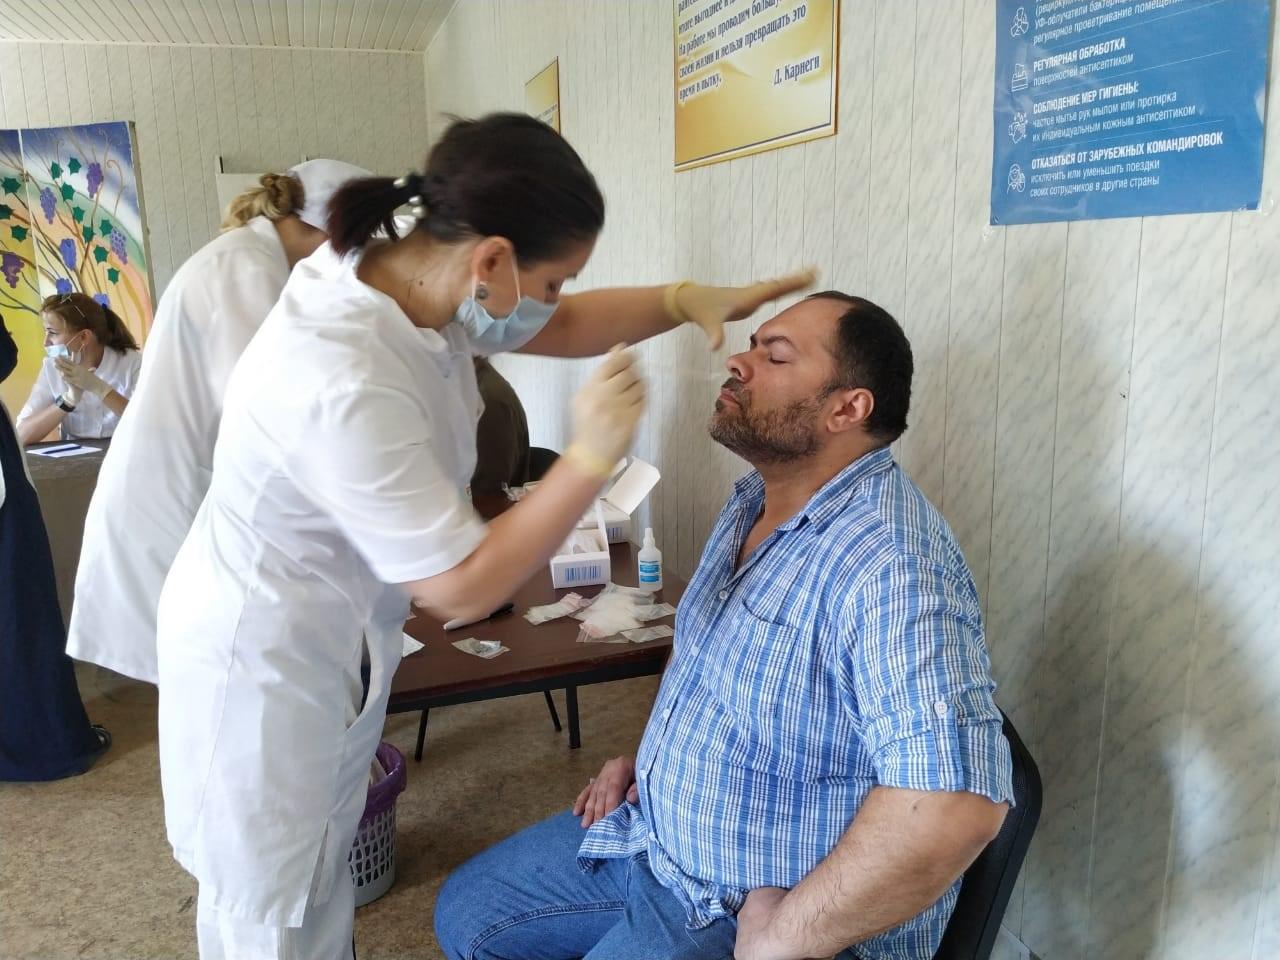 Специалисты Республиканского центра медицинской профилактики (РЦМП) приняли участие в обследовании работников Аварского театра на COVID-19